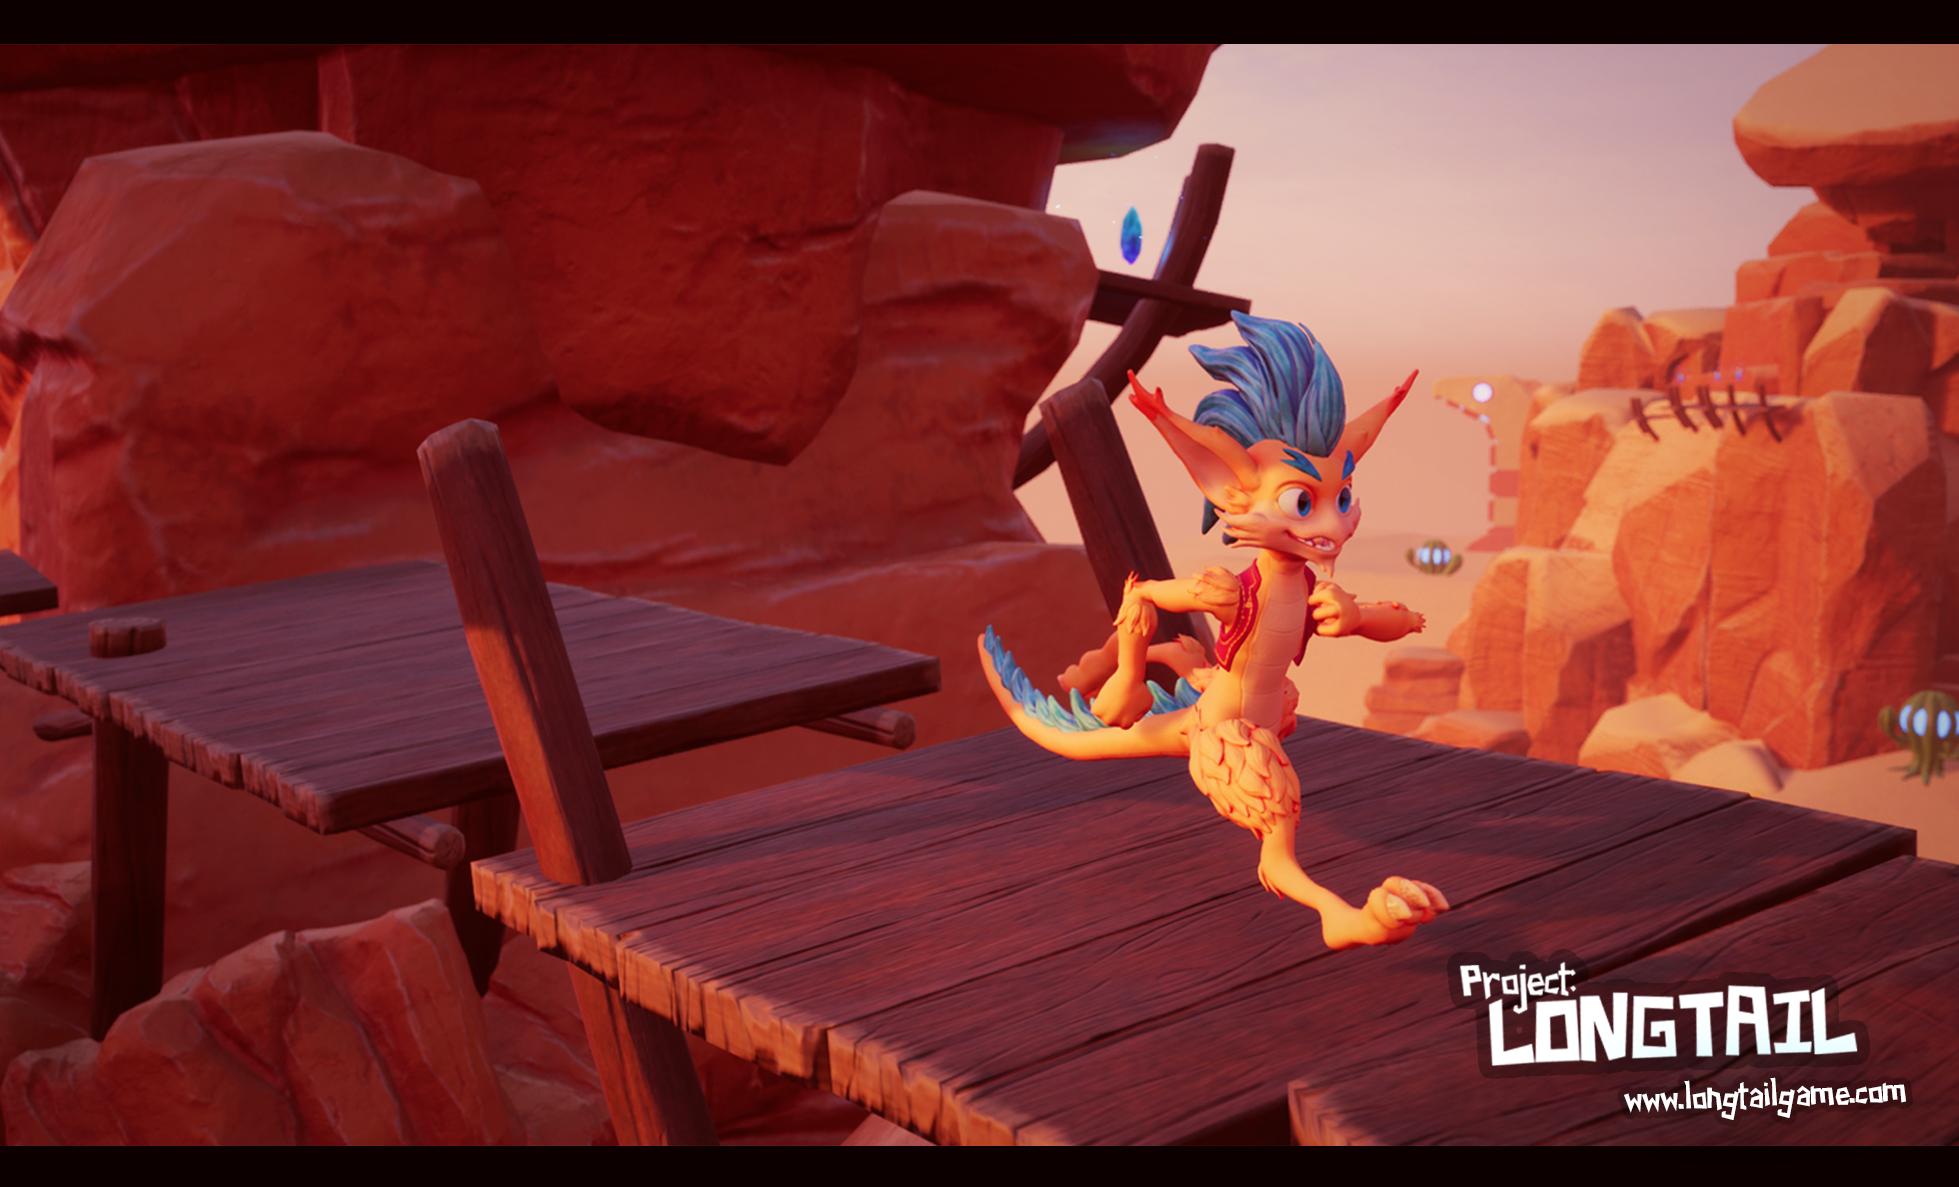 Longtail Screenshot - The Desert